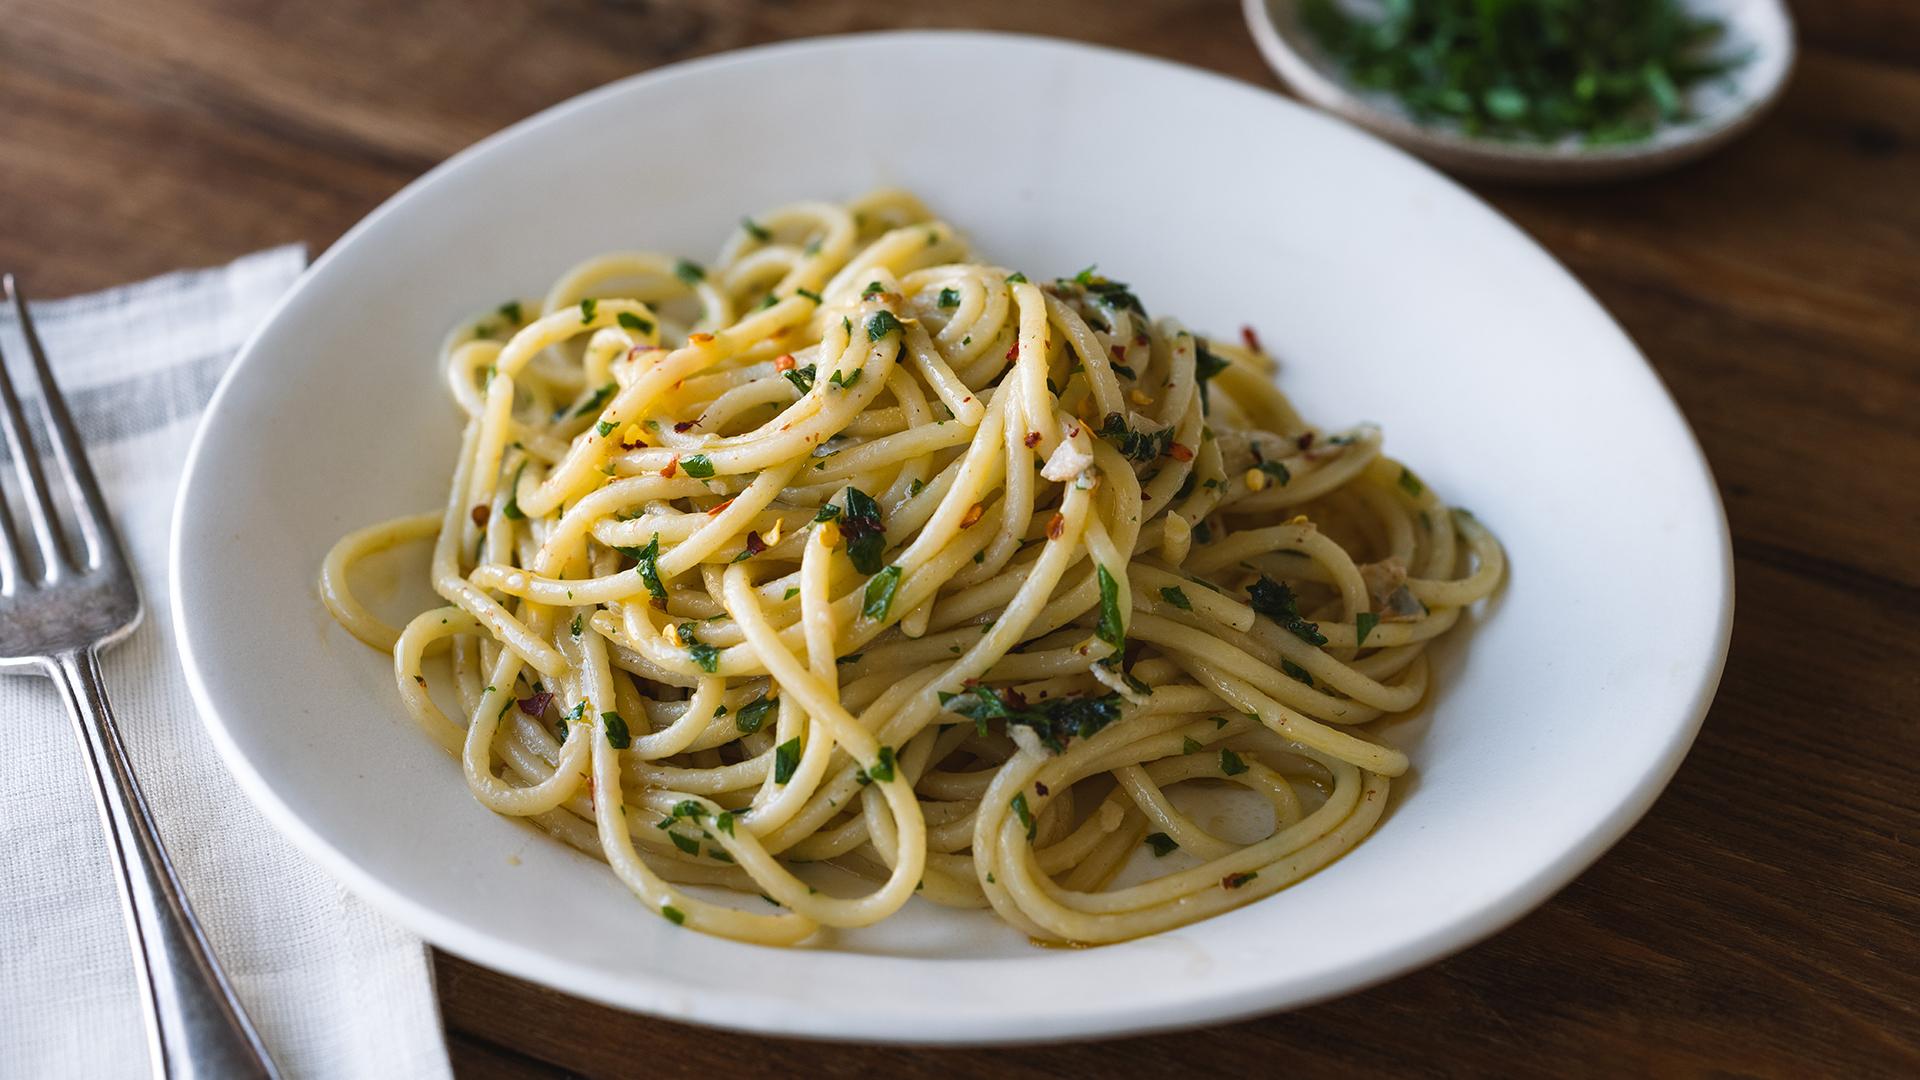 Spaghetti Aglio e Olio (Spaghetti with Garlic and Oil) - TODAY.com